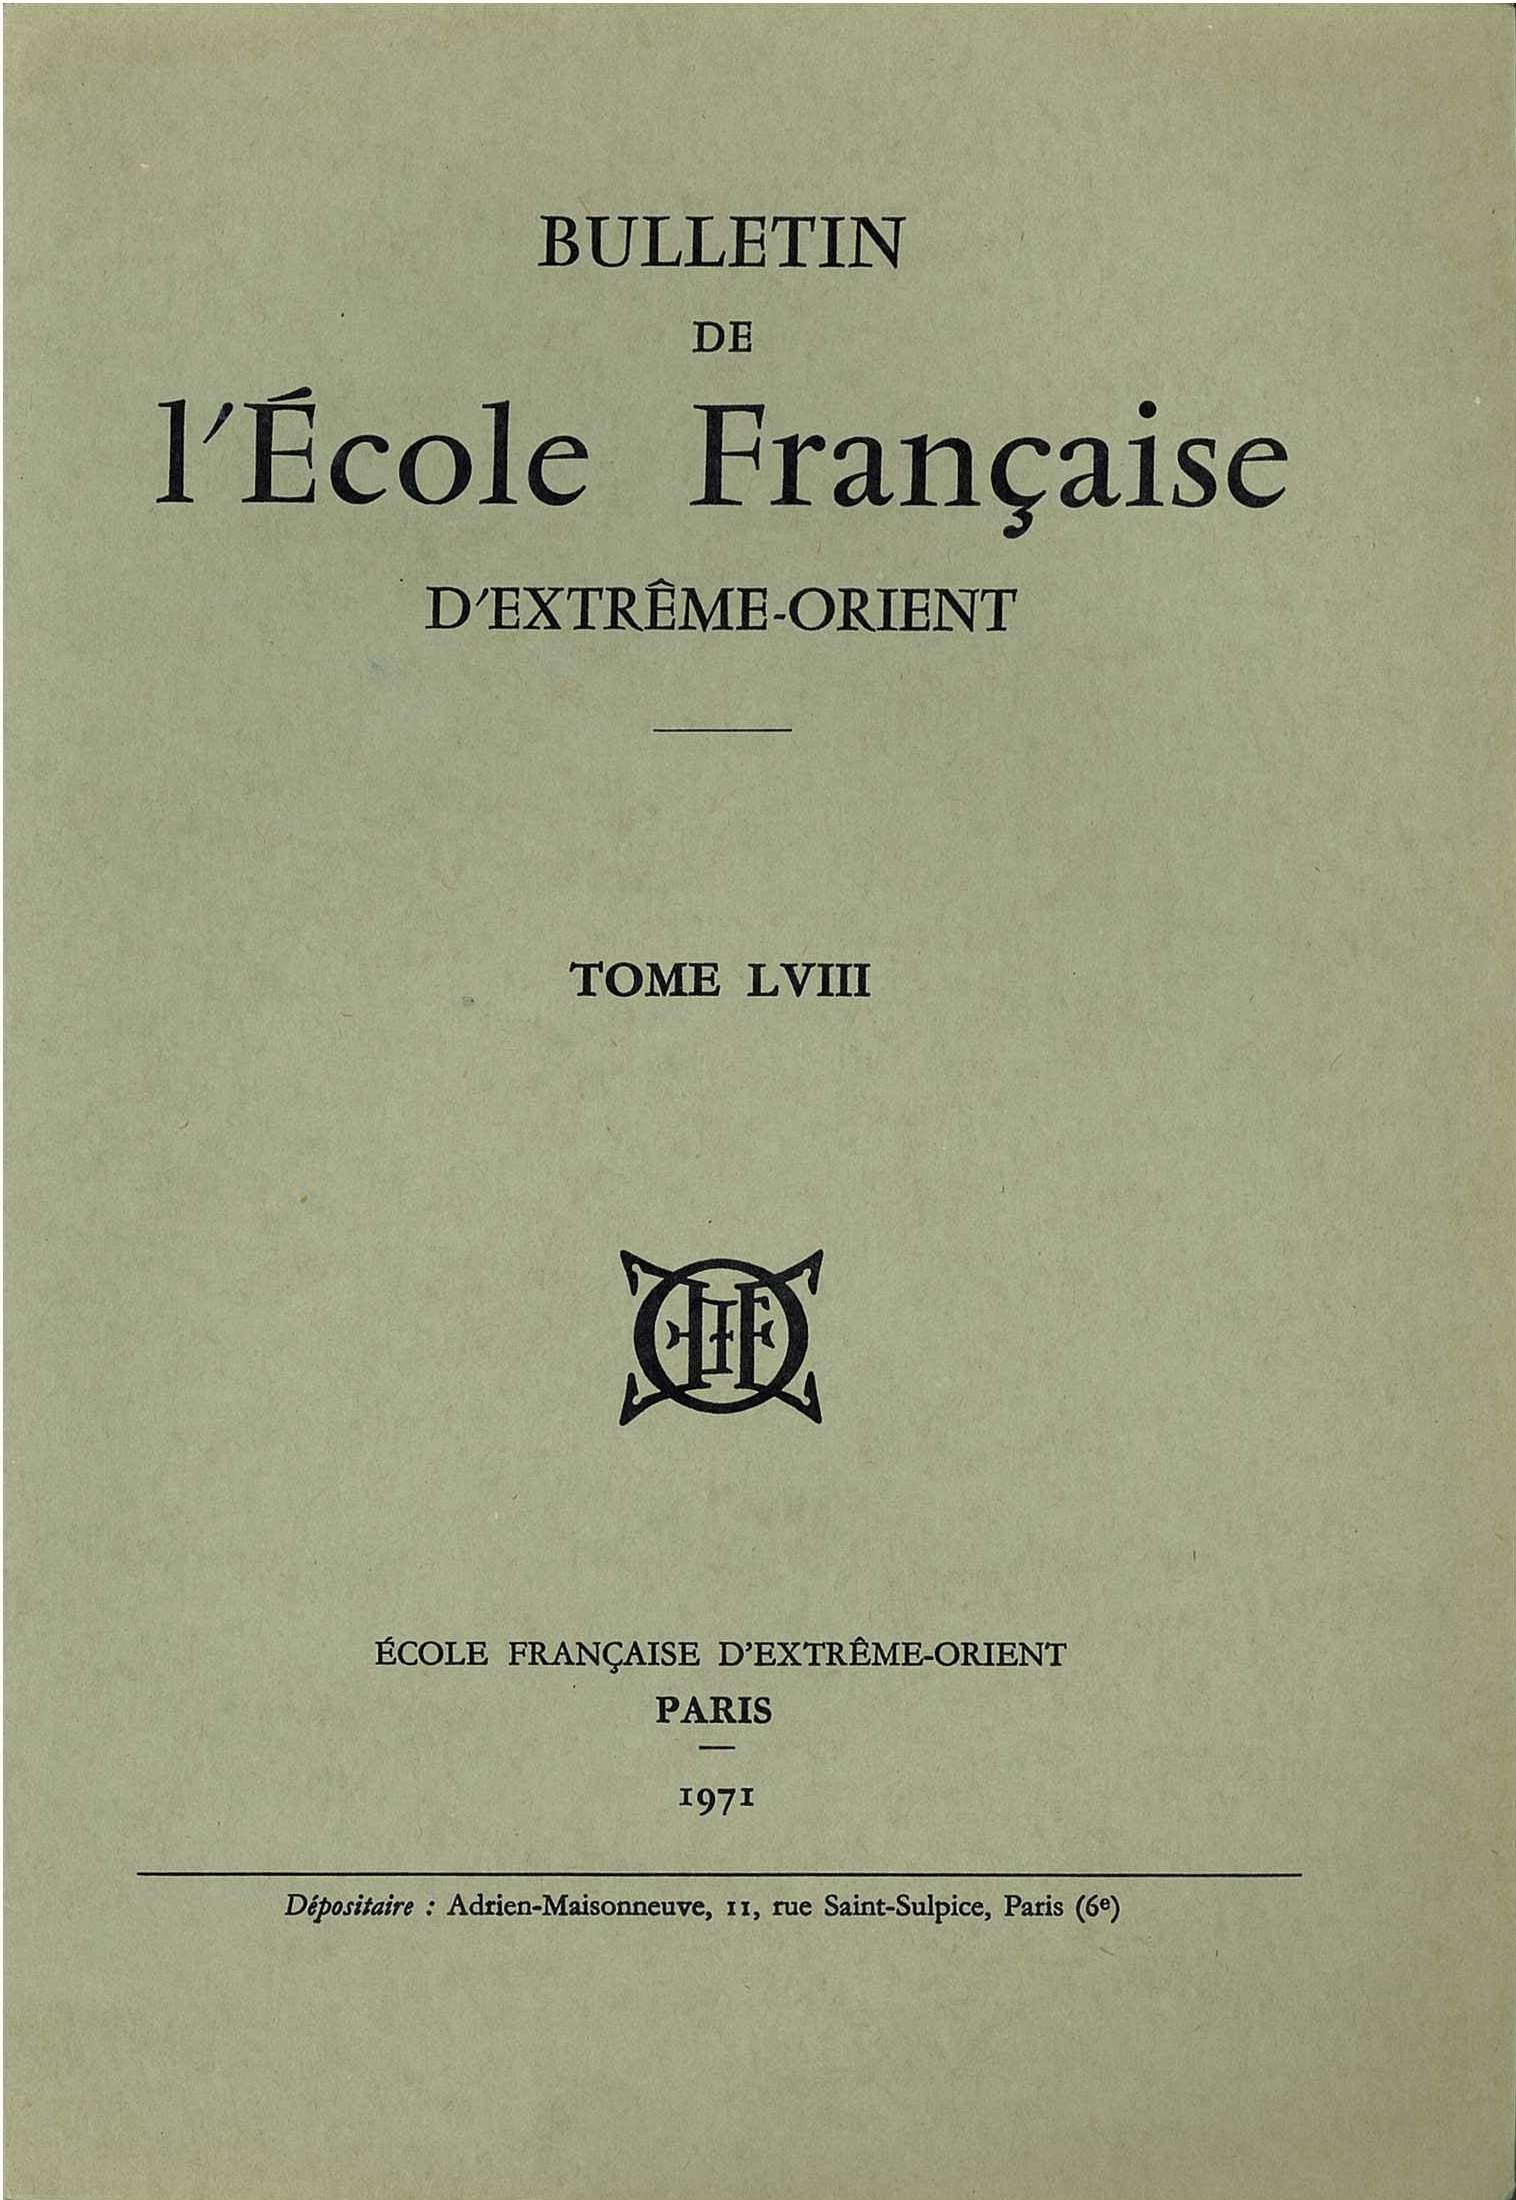 Bulletin de l'Ecole française d'Extrême-Orient 58 (1971)